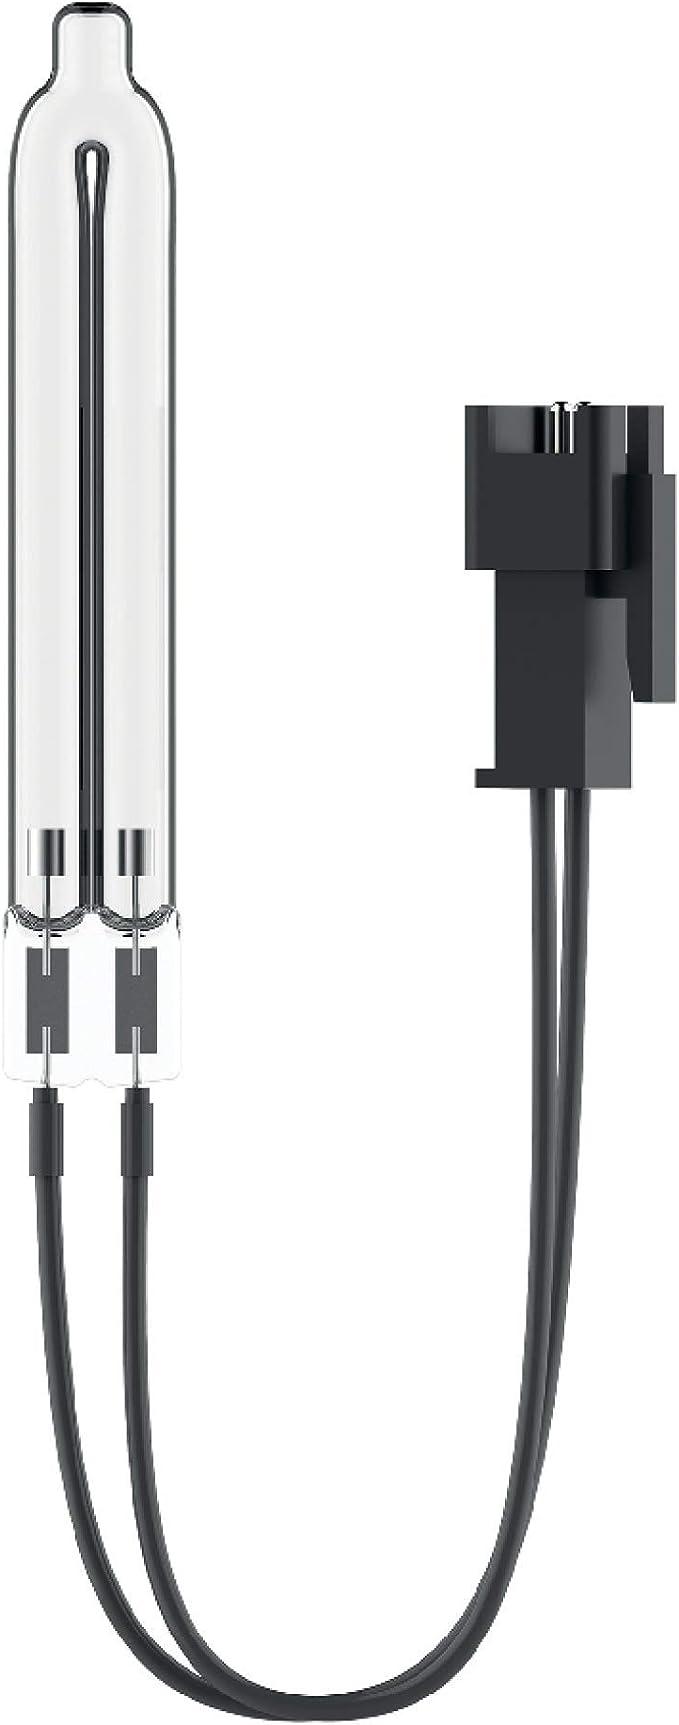 Nero One Size Leitz Filtro di Ricambio HEPA a Tamburo 2-in-1 Dupont per purificatore dAria TruSens Z-1000